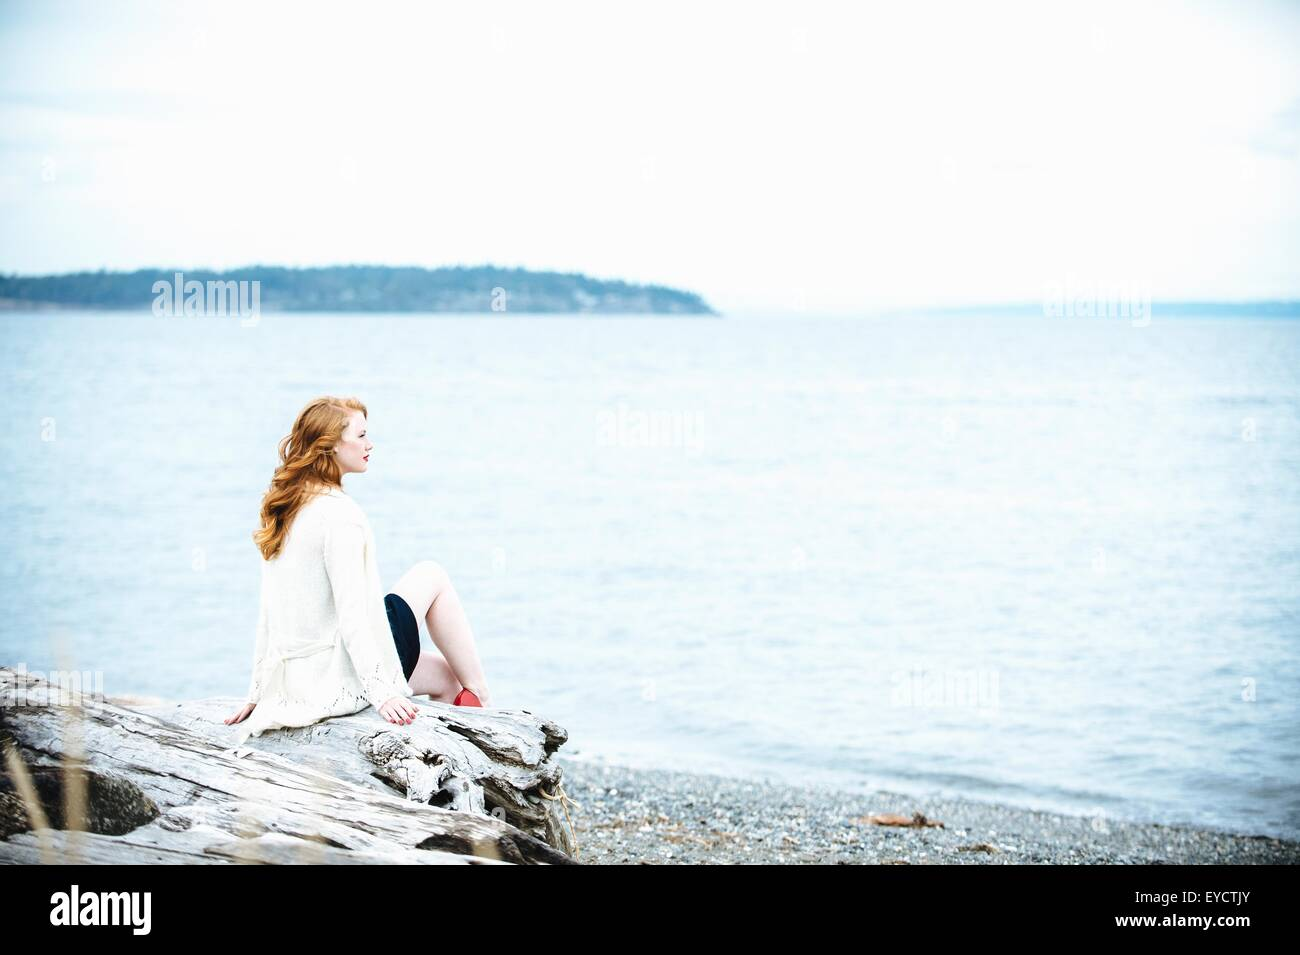 Mujer joven sentado en la playa mirando al mar, Bainbridge Island, estado de Washington, EE.UU. Foto de stock